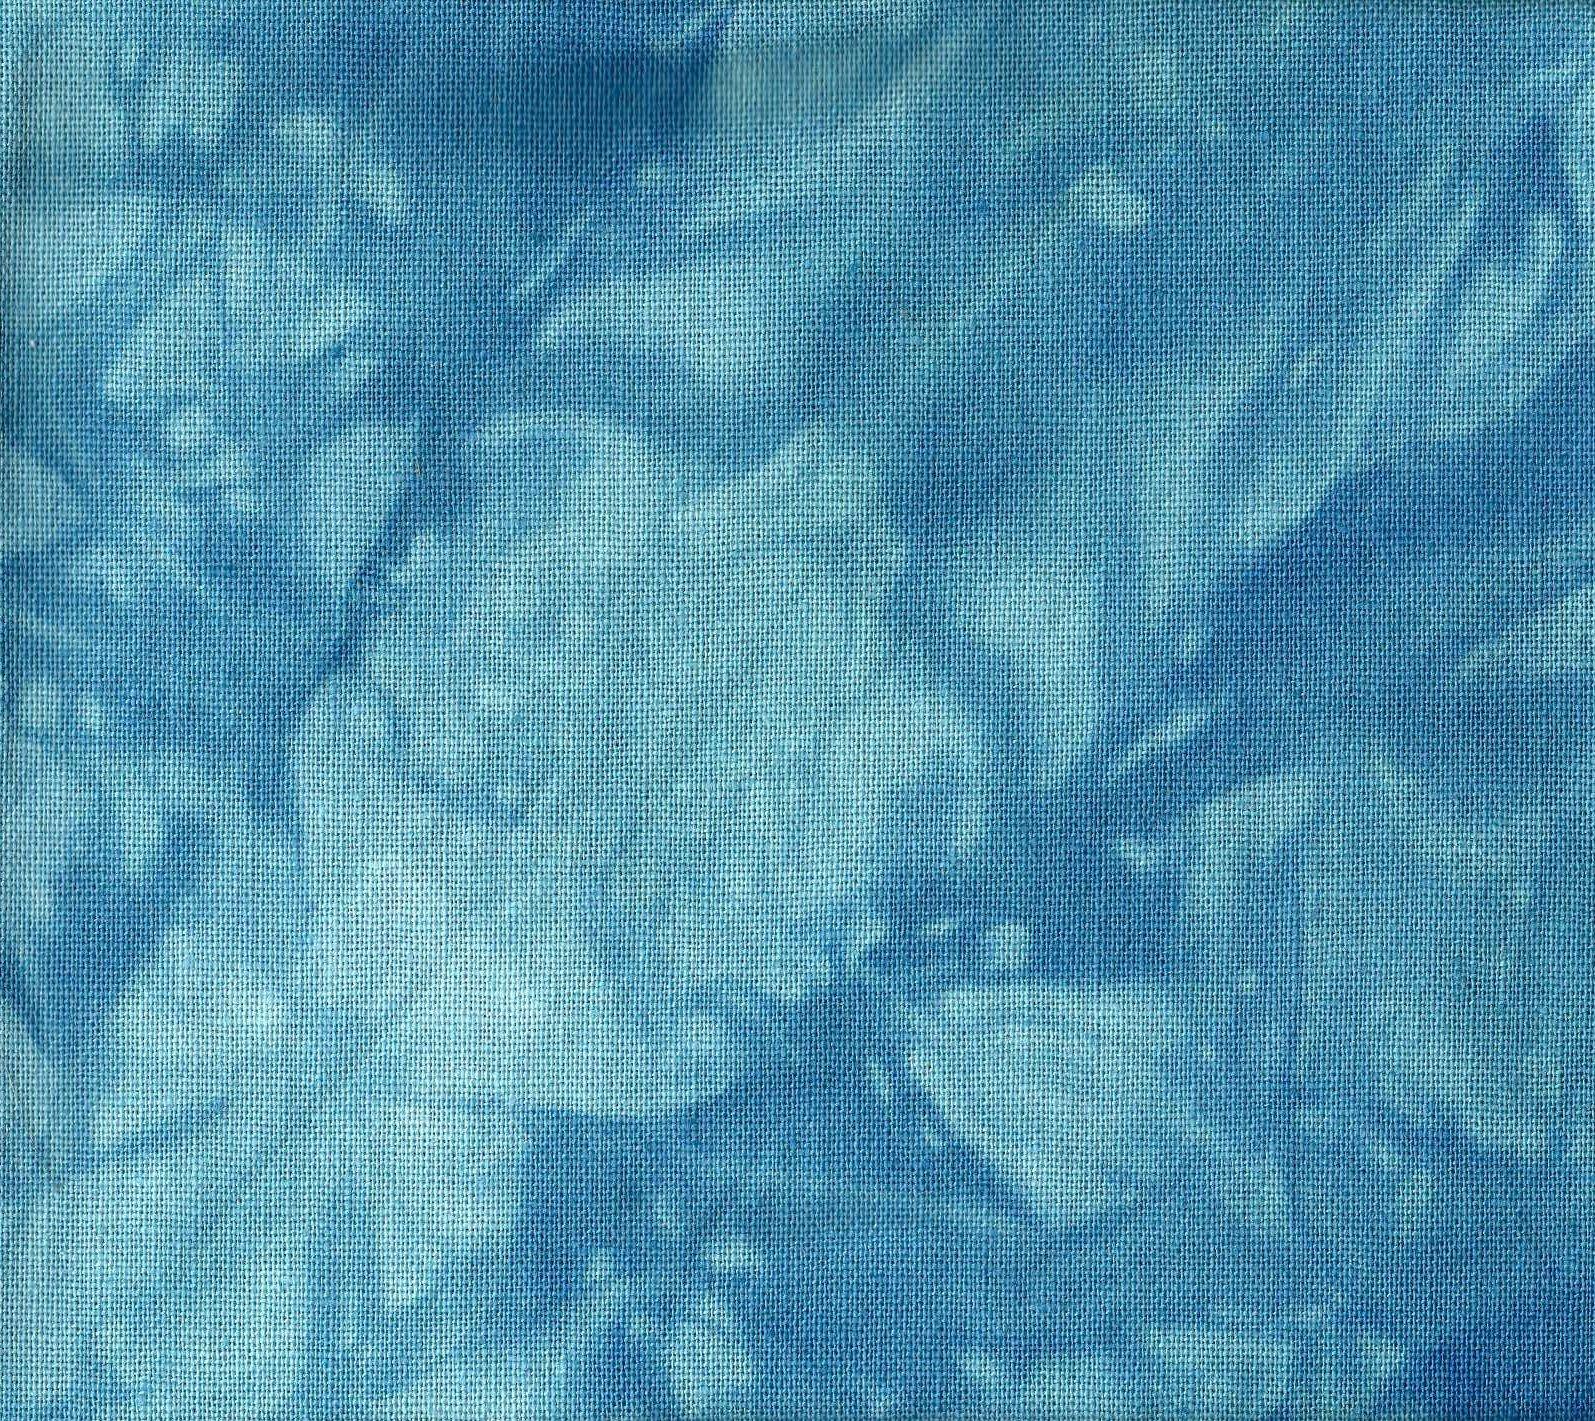 Ocean Blue Hand-Dyed Linen